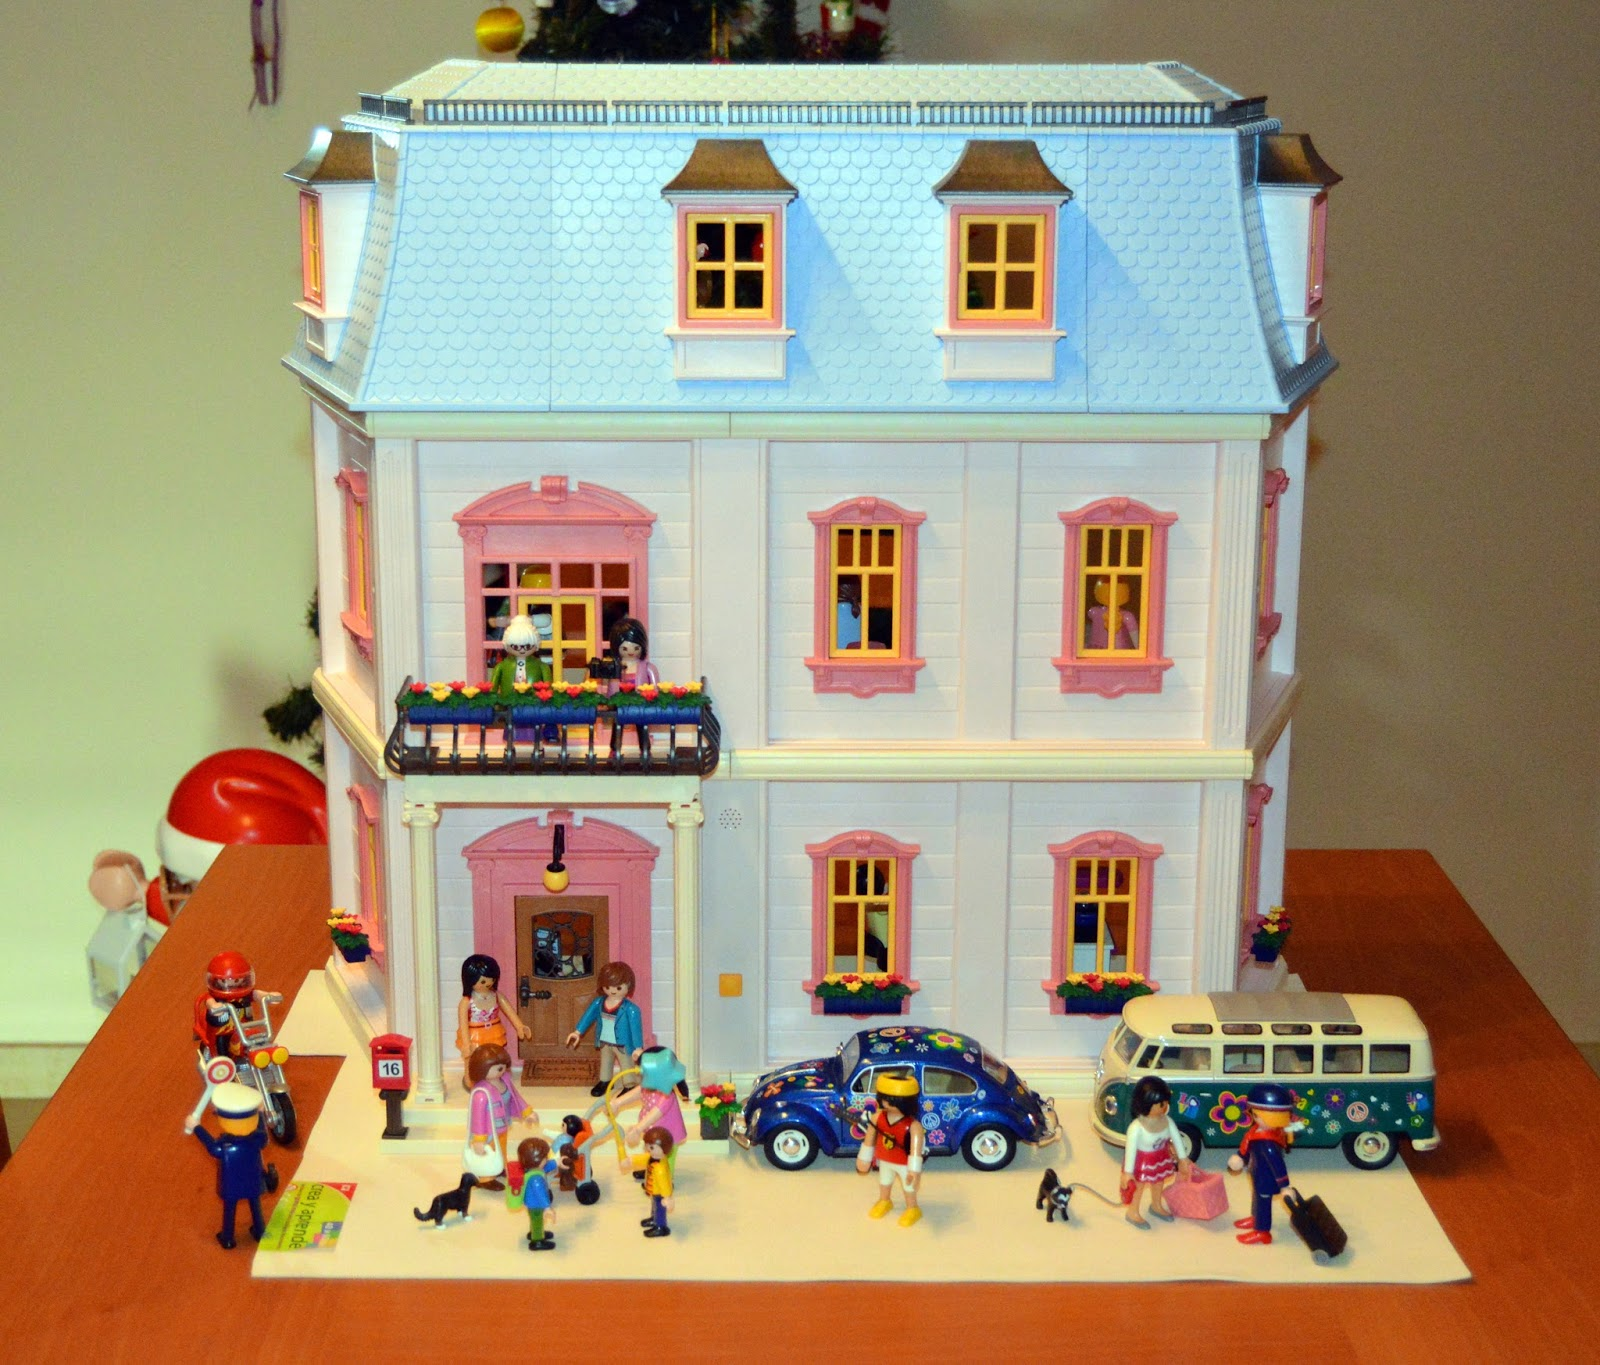 Mis mu ecas mi casita rom ntica de mu ecas playmobil - Playmobil casa de munecas carrefour ...